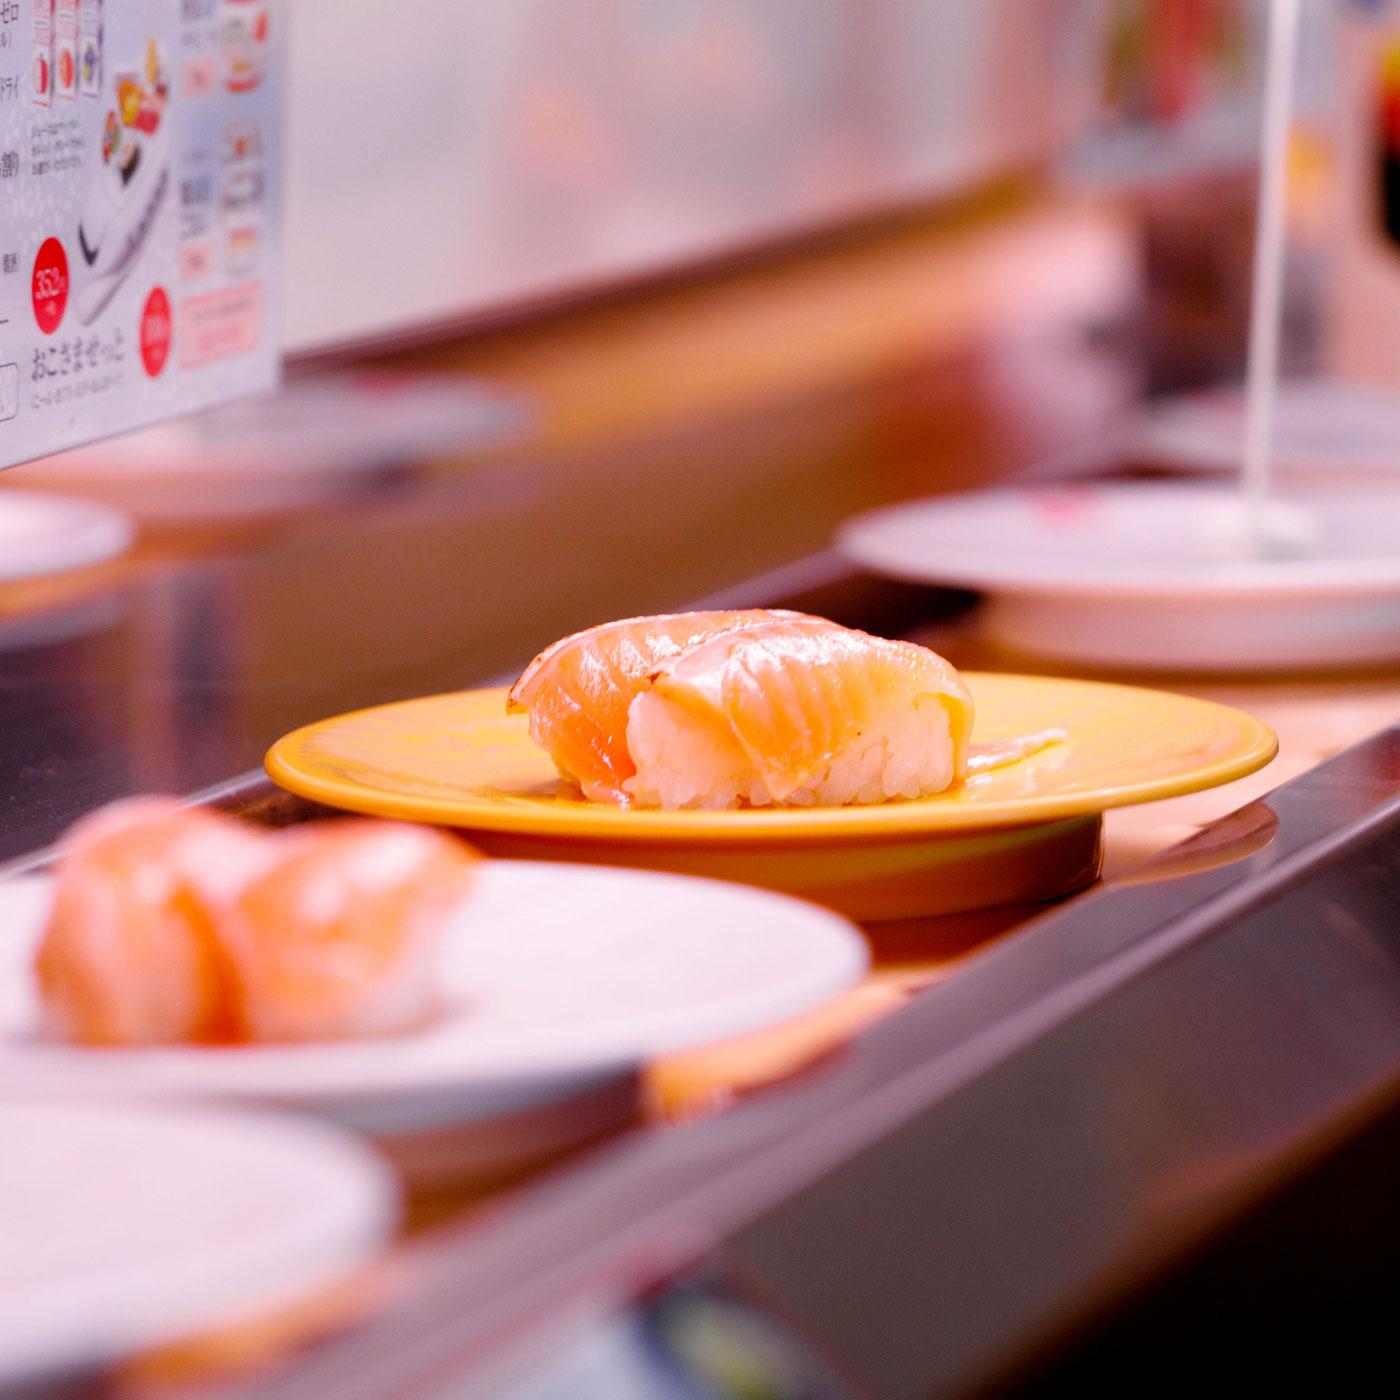 無添〇〇寿司。ハンバーグや揚げ物あるけど、無添加なの? 今日の検索